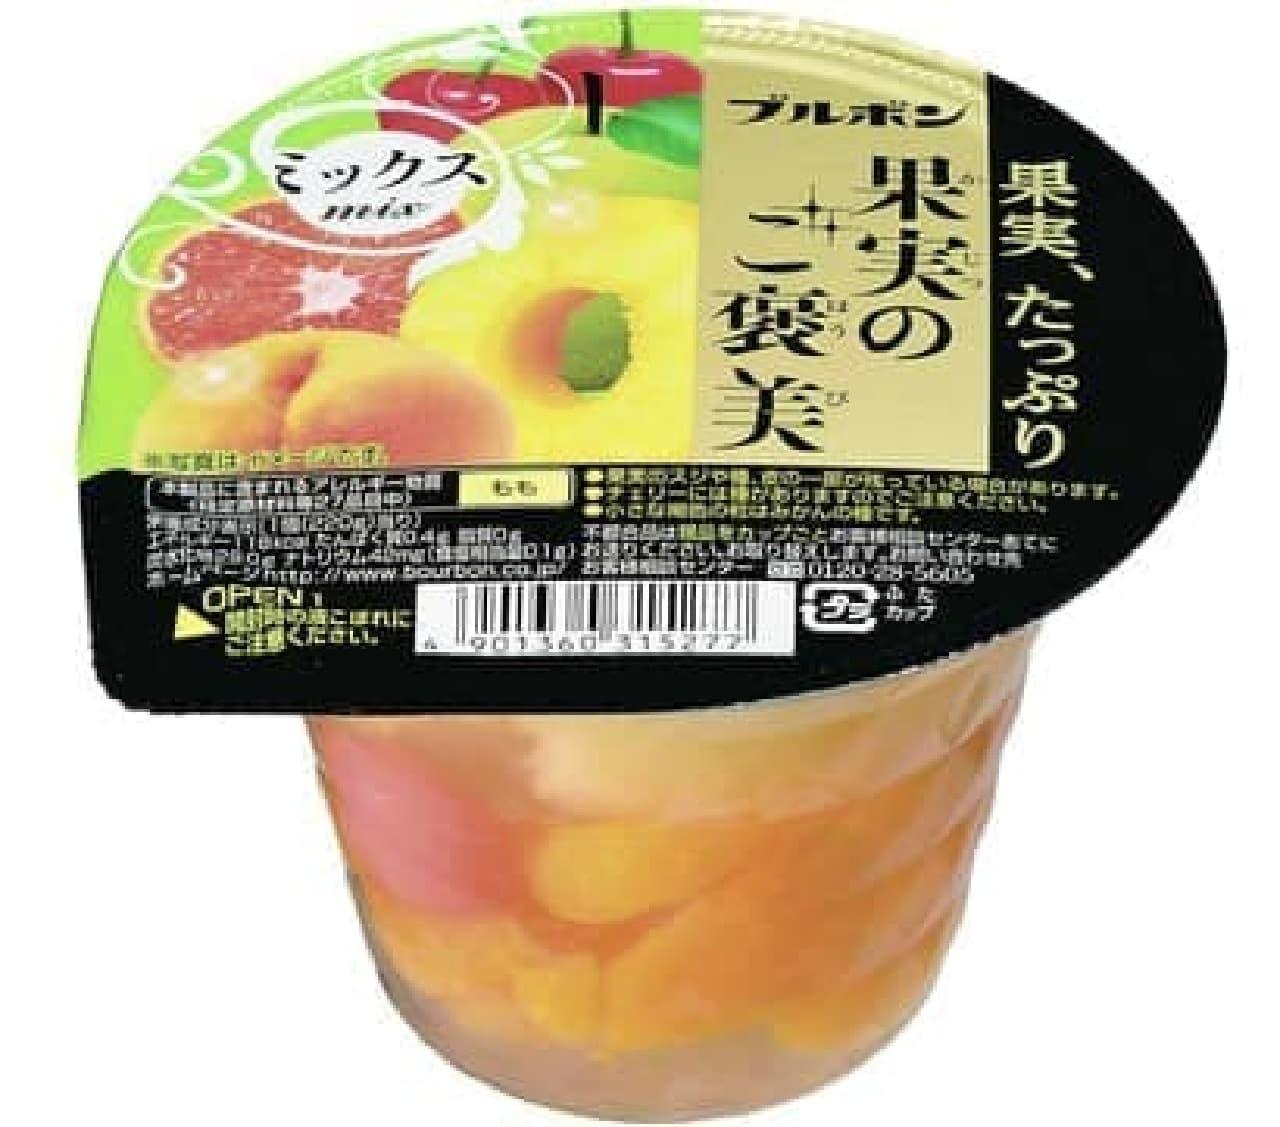 果実、たっぷり「果実のご褒美」